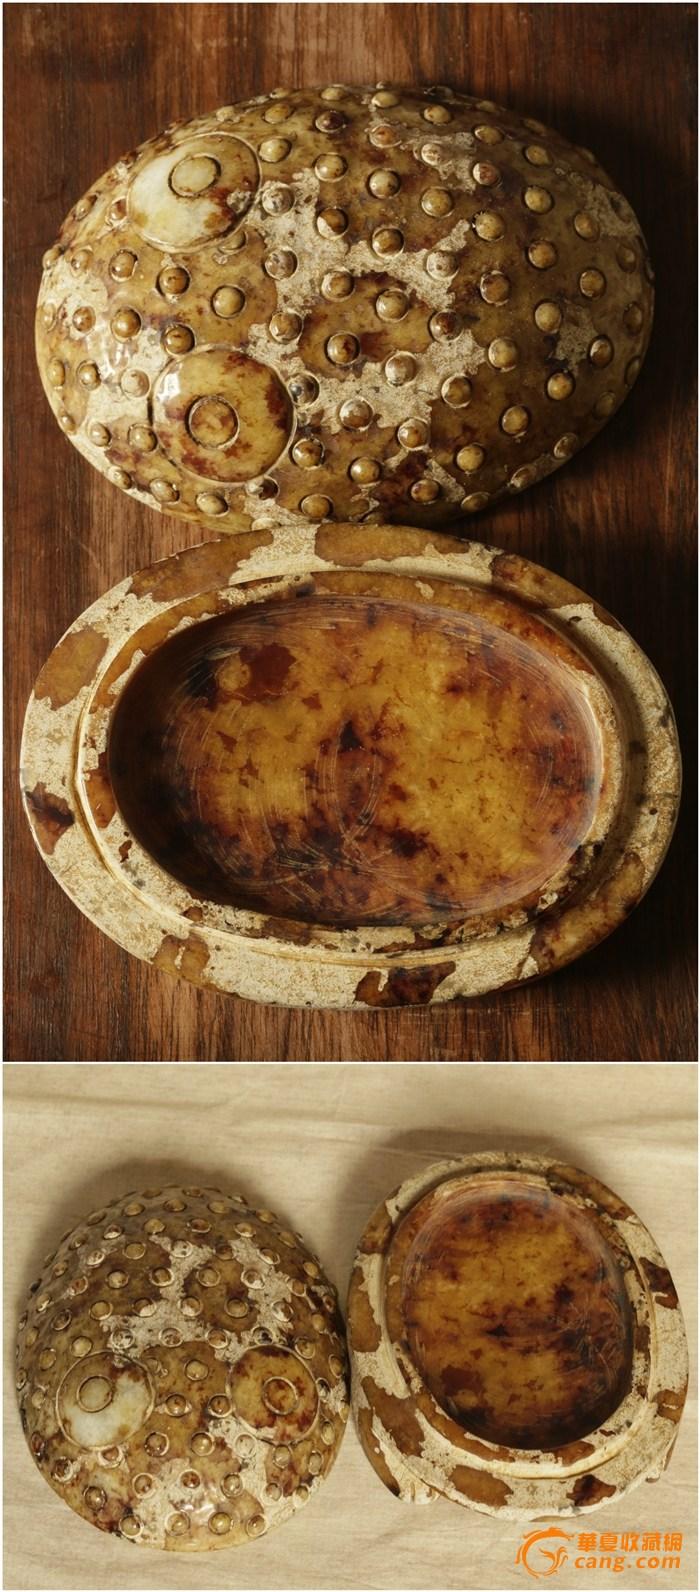 旺财风水用品 和田白玉籽料满沁 盖盒玉蟾,战汉*古玉图11